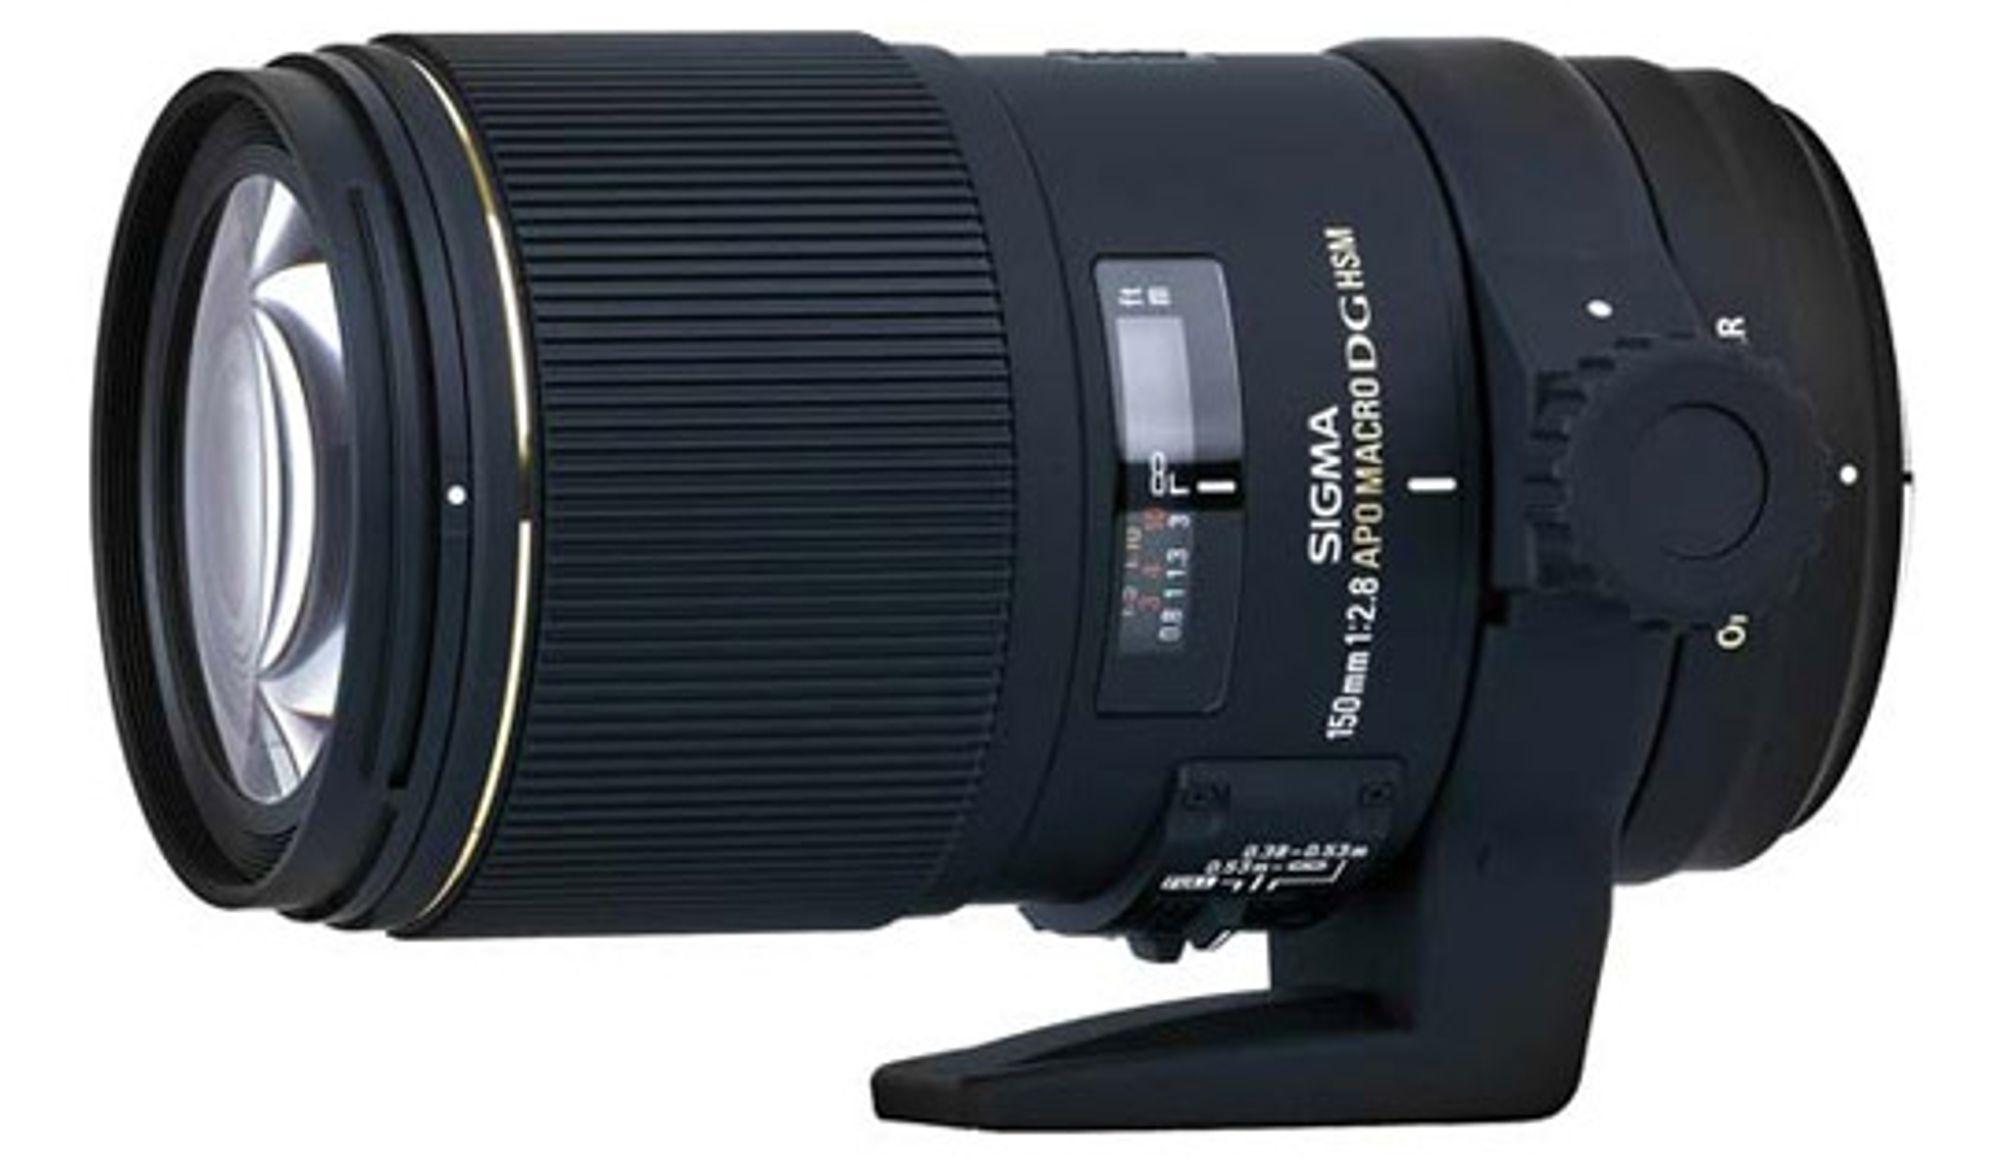 Sigma 150mm f/2.8 har ni avrundede blenderlammeler.  FOTO: Produsenten